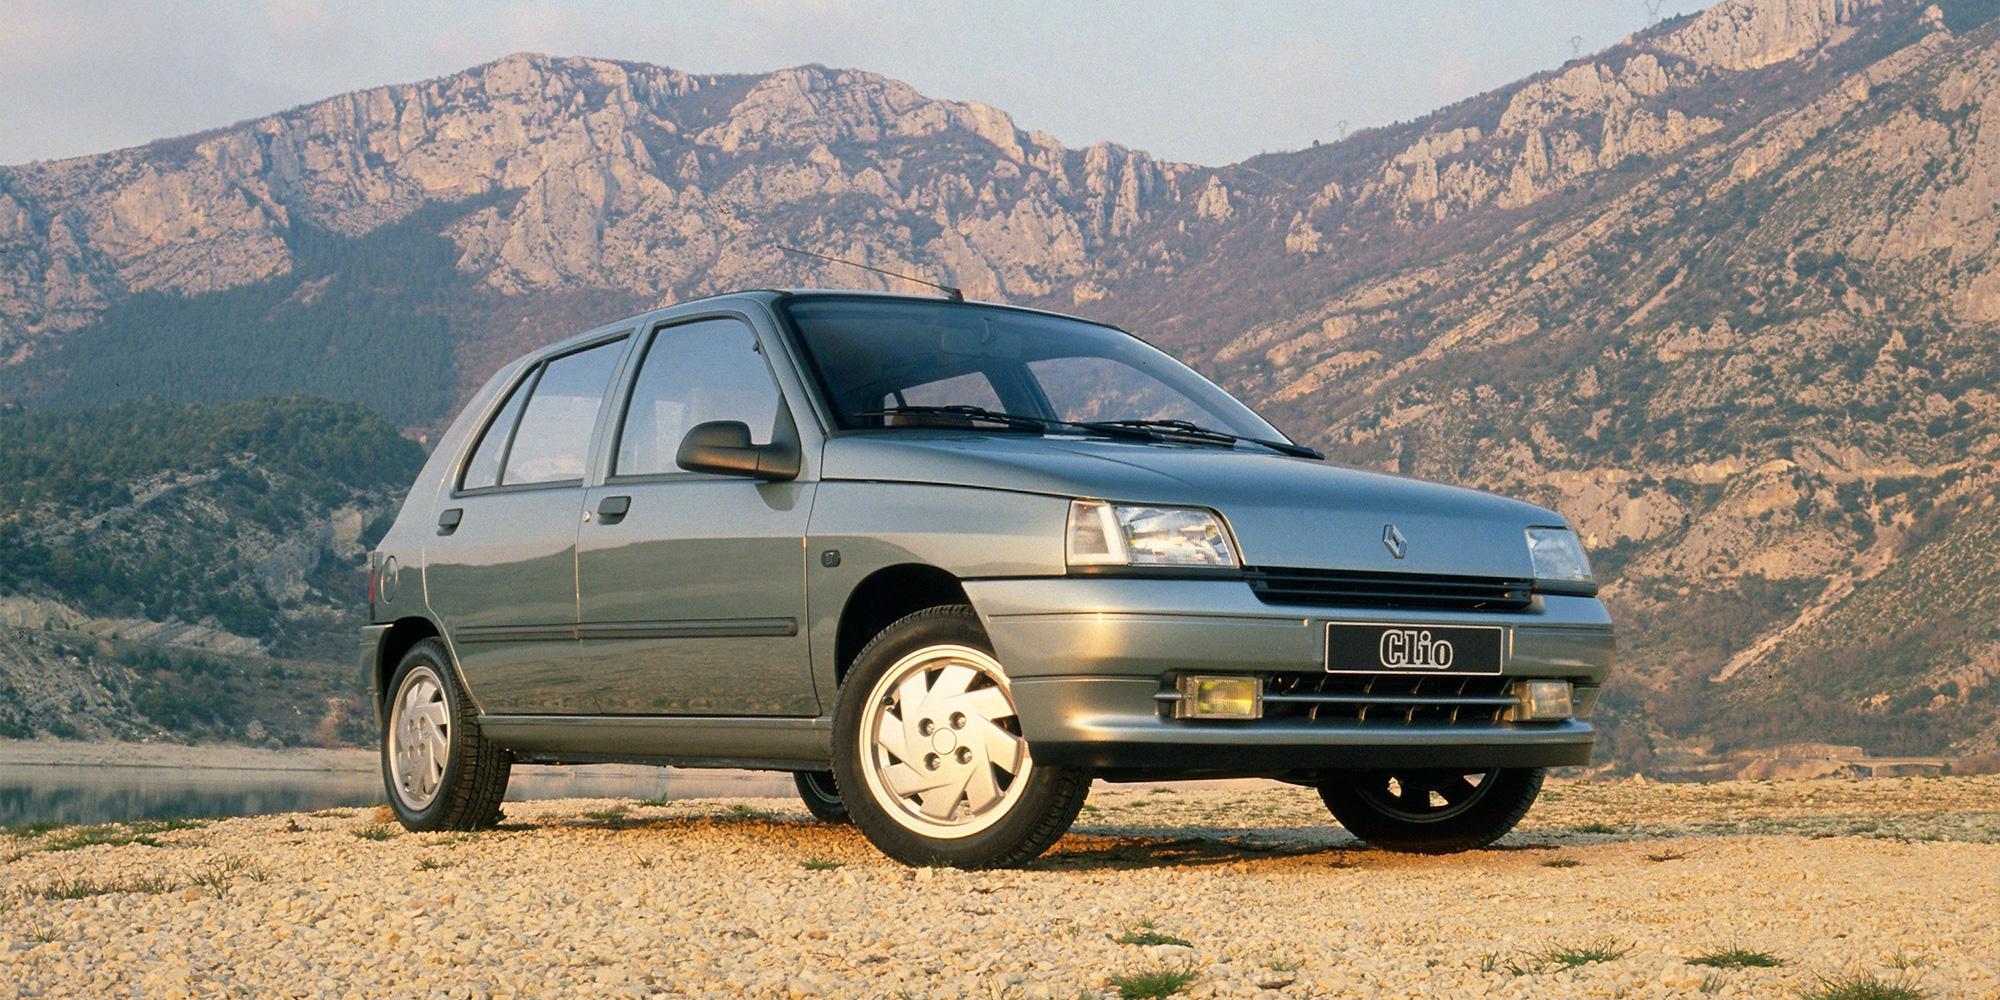 Clio, 1. Generation, Renault, 1992-1996